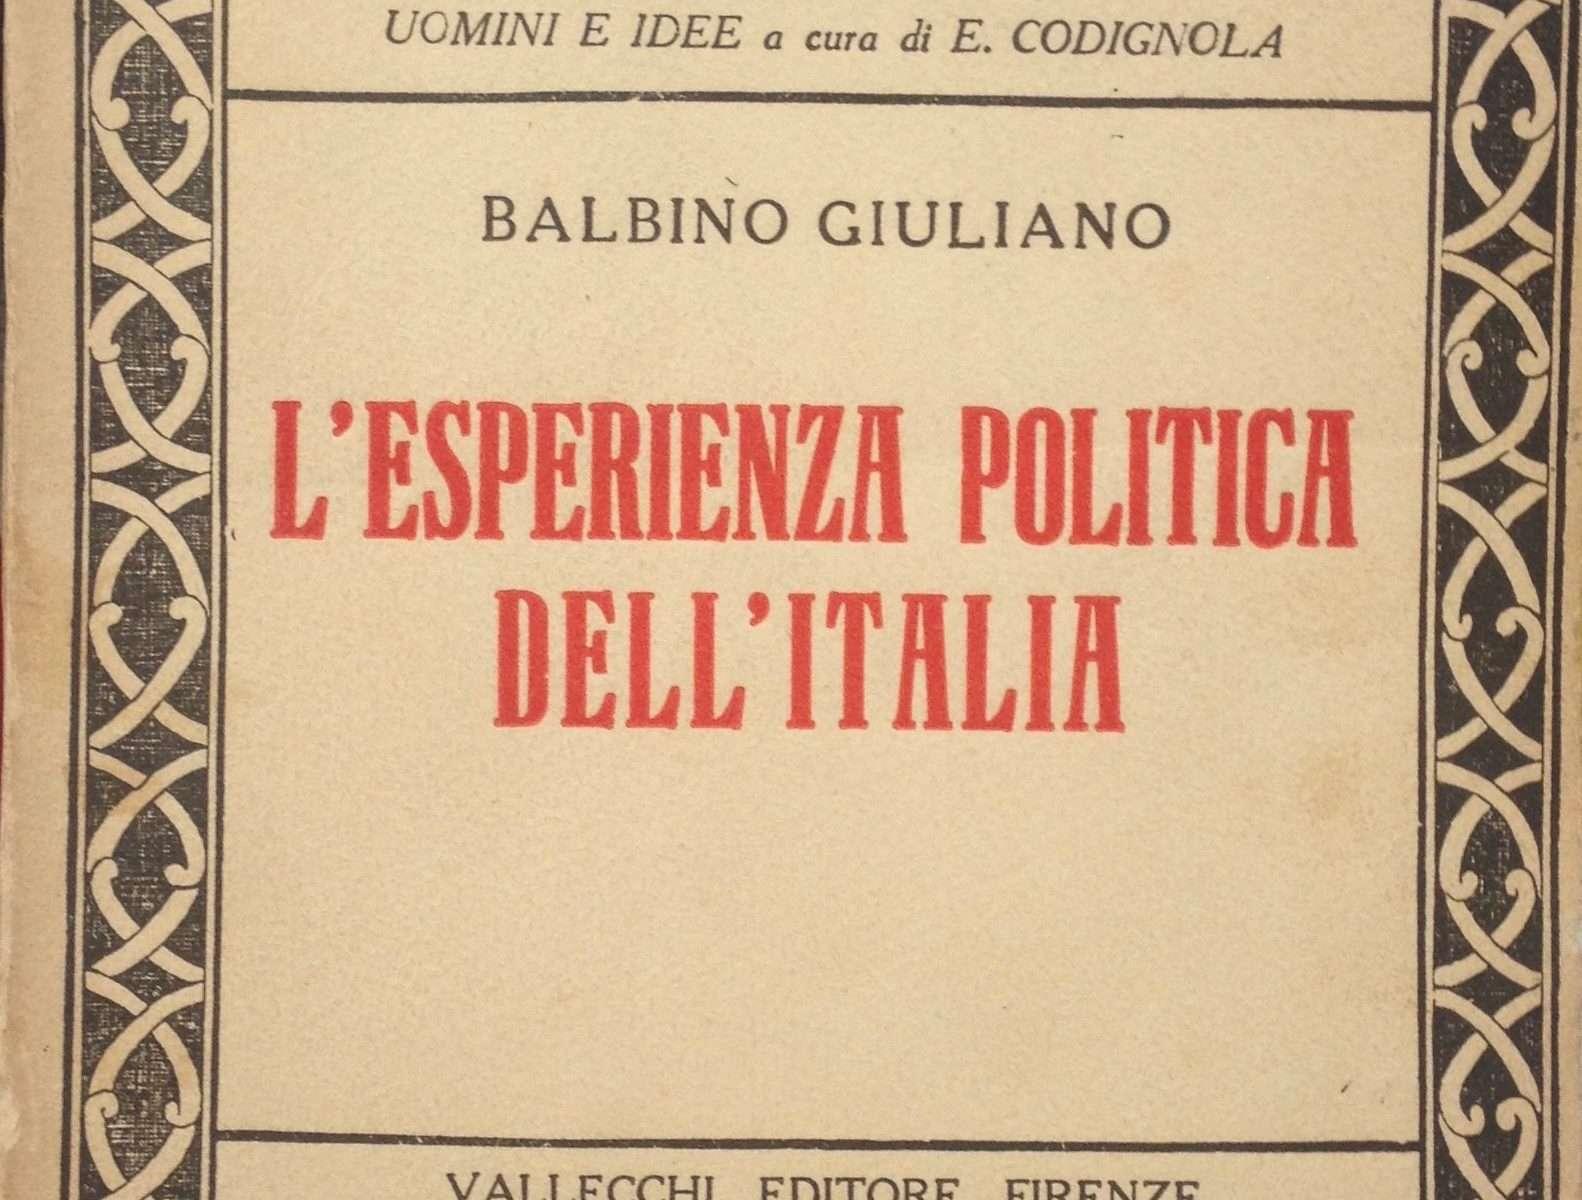 L'ESPERIENZA POLITICA DELL'ITALIA  <BR/> Balbino Giuliano